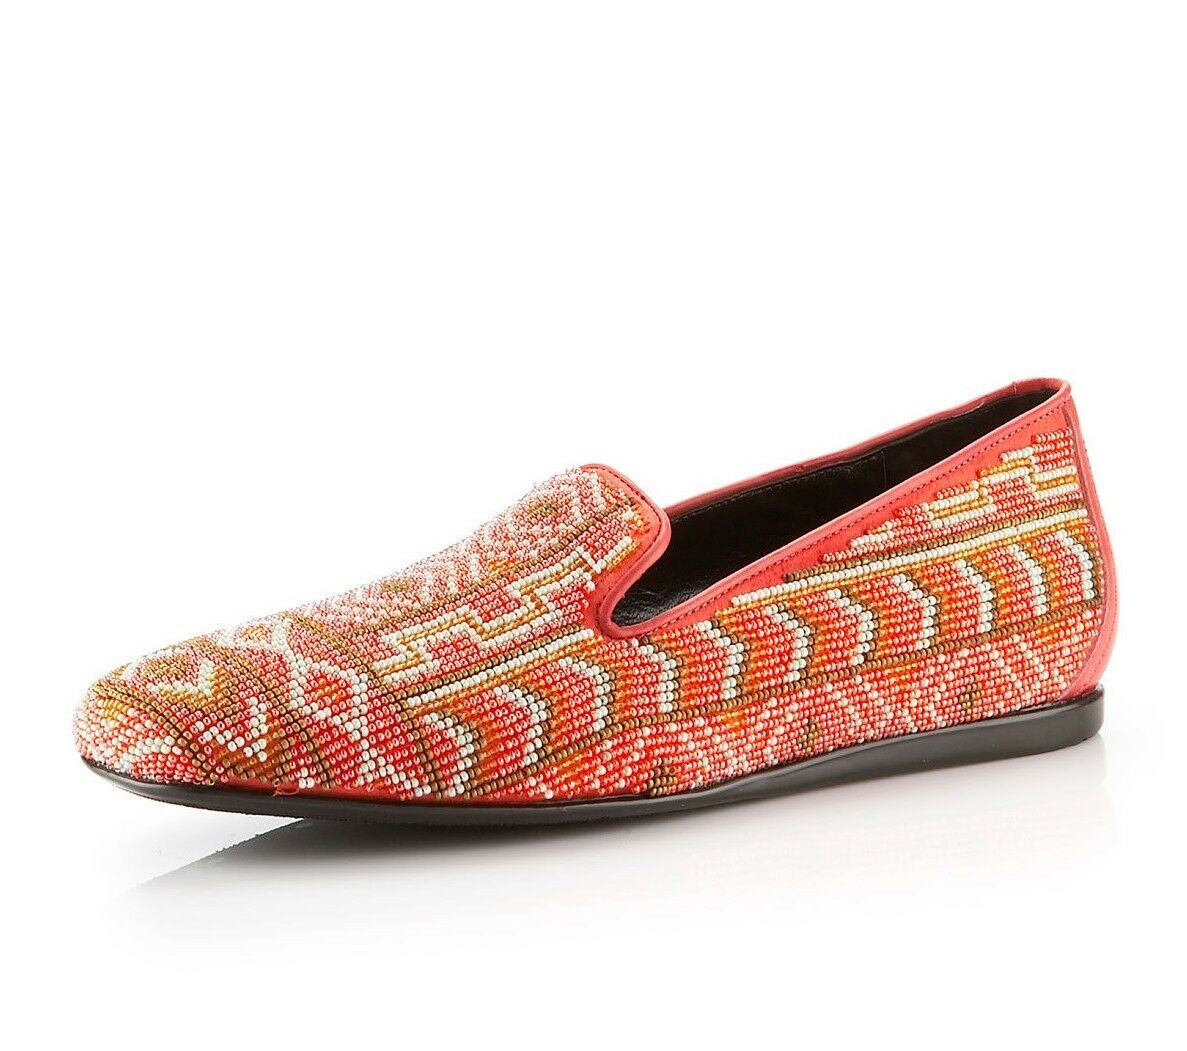 New Donald J Pliner Aryn Loafers Poppy Beaded Tribal Leder-Trim 7-M Stunning